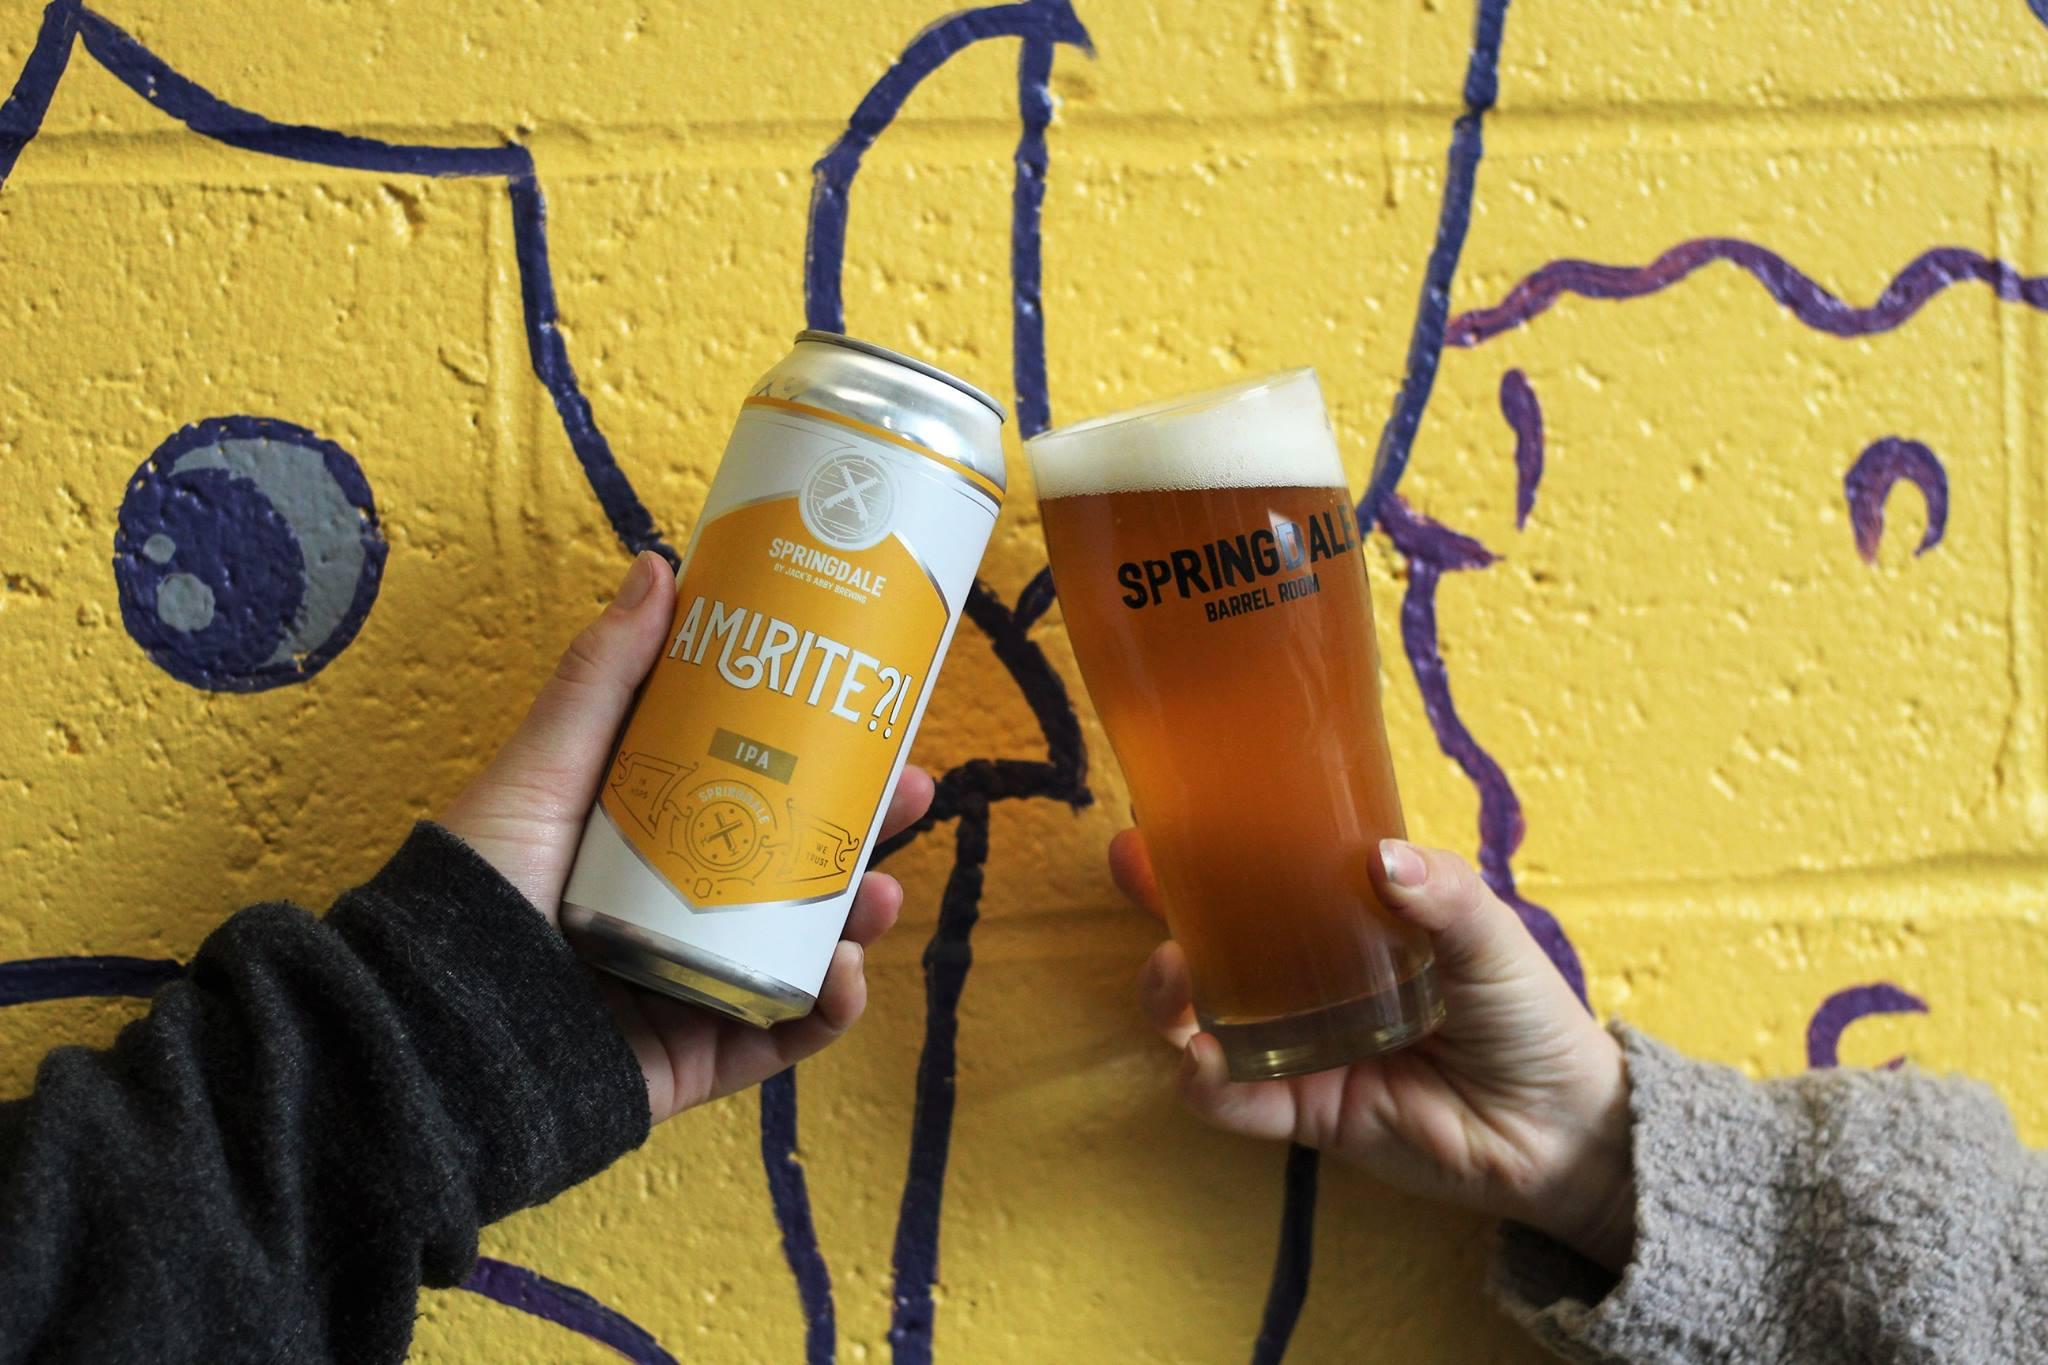 Sour Beer Fans: Springdale Barrel Room Is Beginning Distribution